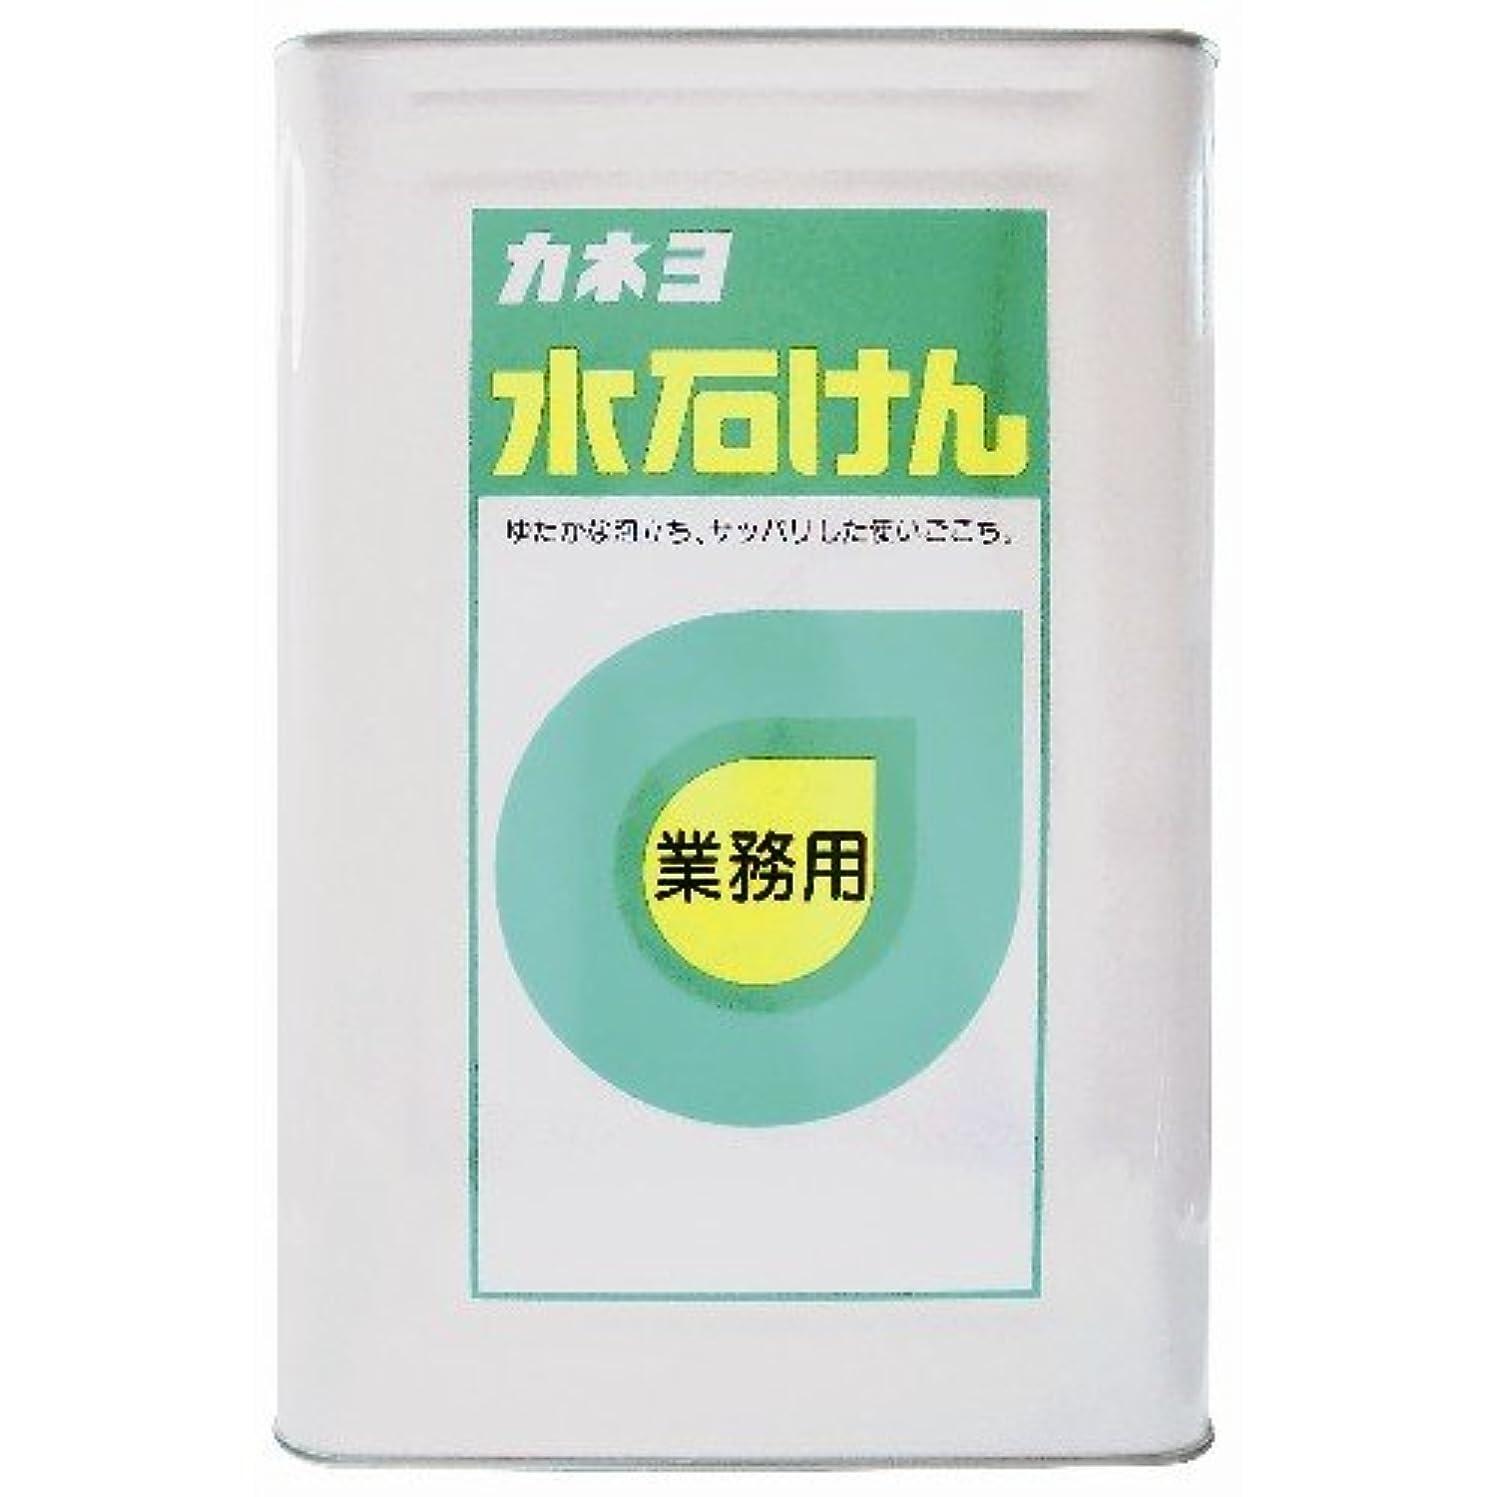 率直な個人的なゴール【大容量】 カネヨ石鹸 ハンドソープ 水石けん 液体 業務用 18L 一斗缶